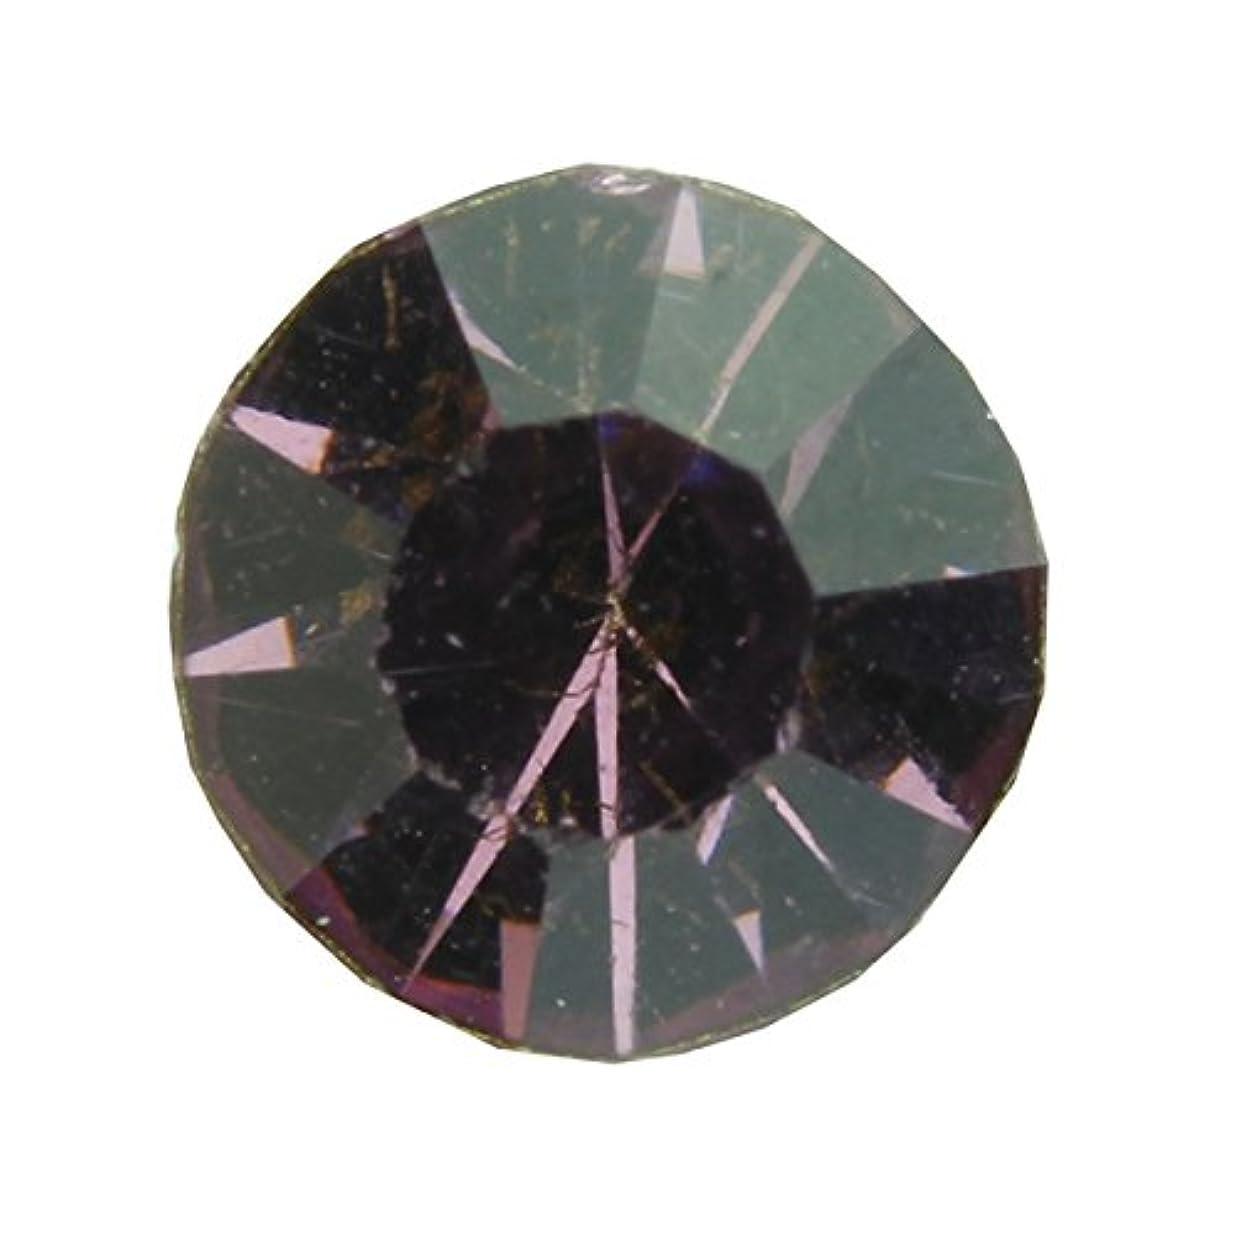 消費ロードハウス霜アクリルストーンVカット ss12(約3.0mm)(30個入り) アメジスト